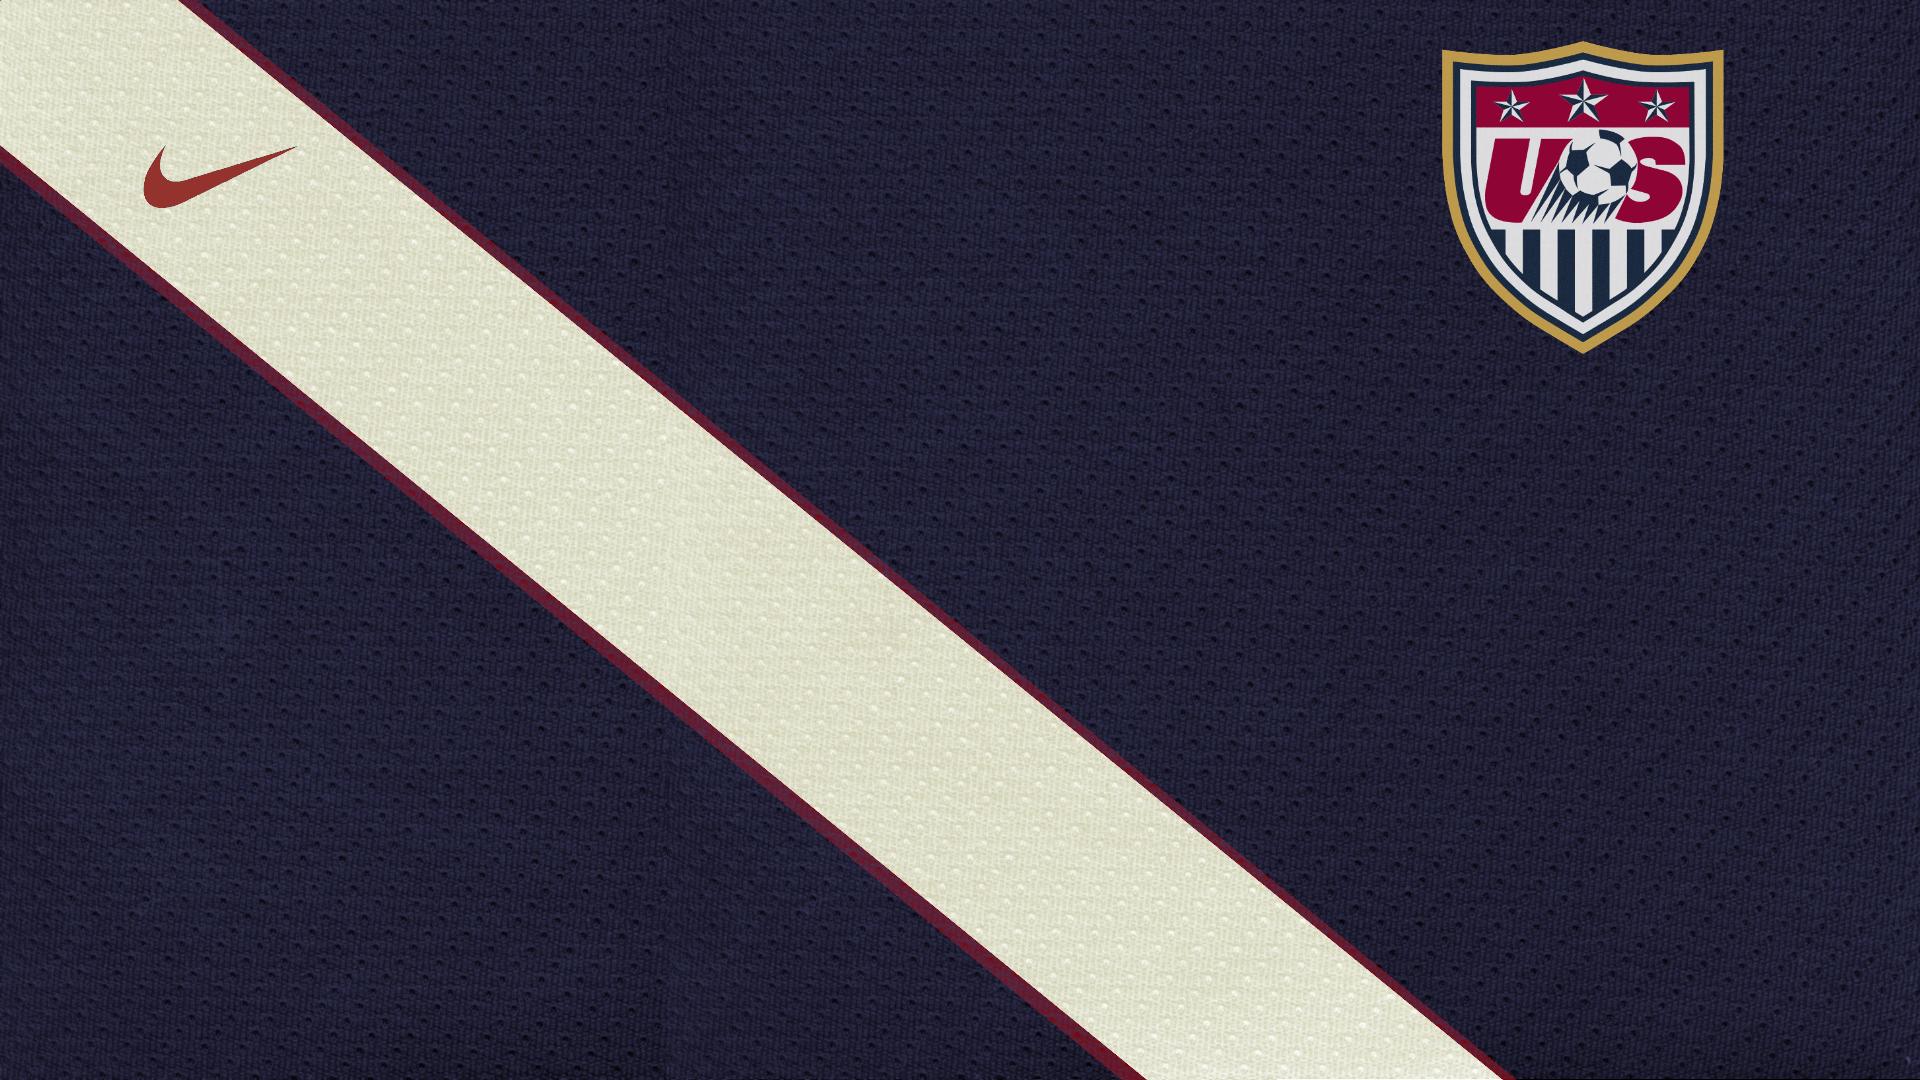 US GAF Support your national soccer team   NeoGAF 1920x1080